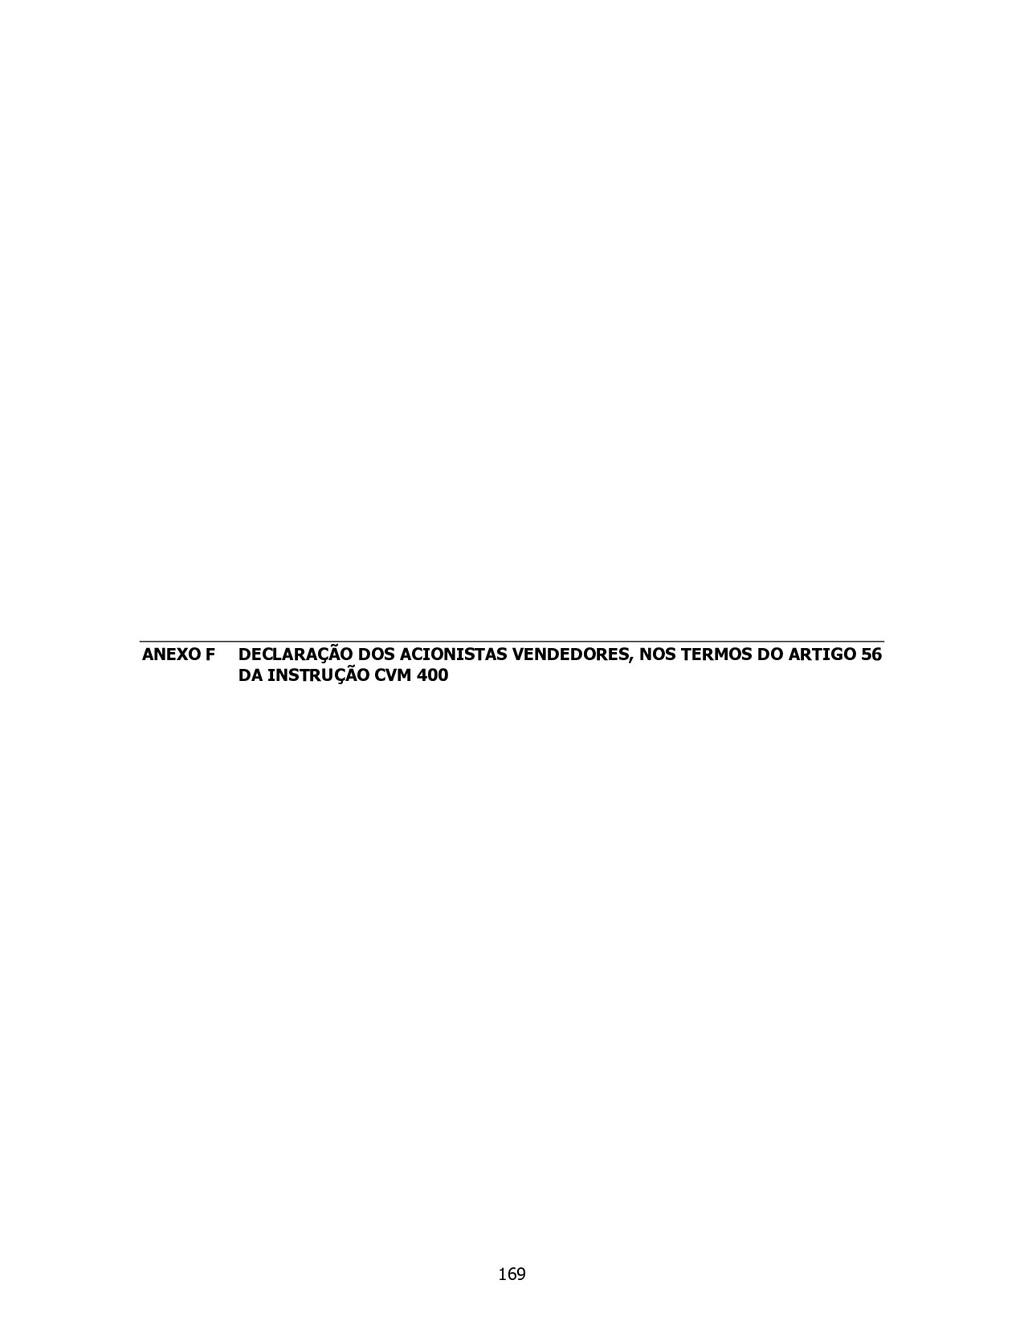 ANEXO F DECLARAÇÃO DOS ACIONISTAS VENDEDORES, N...